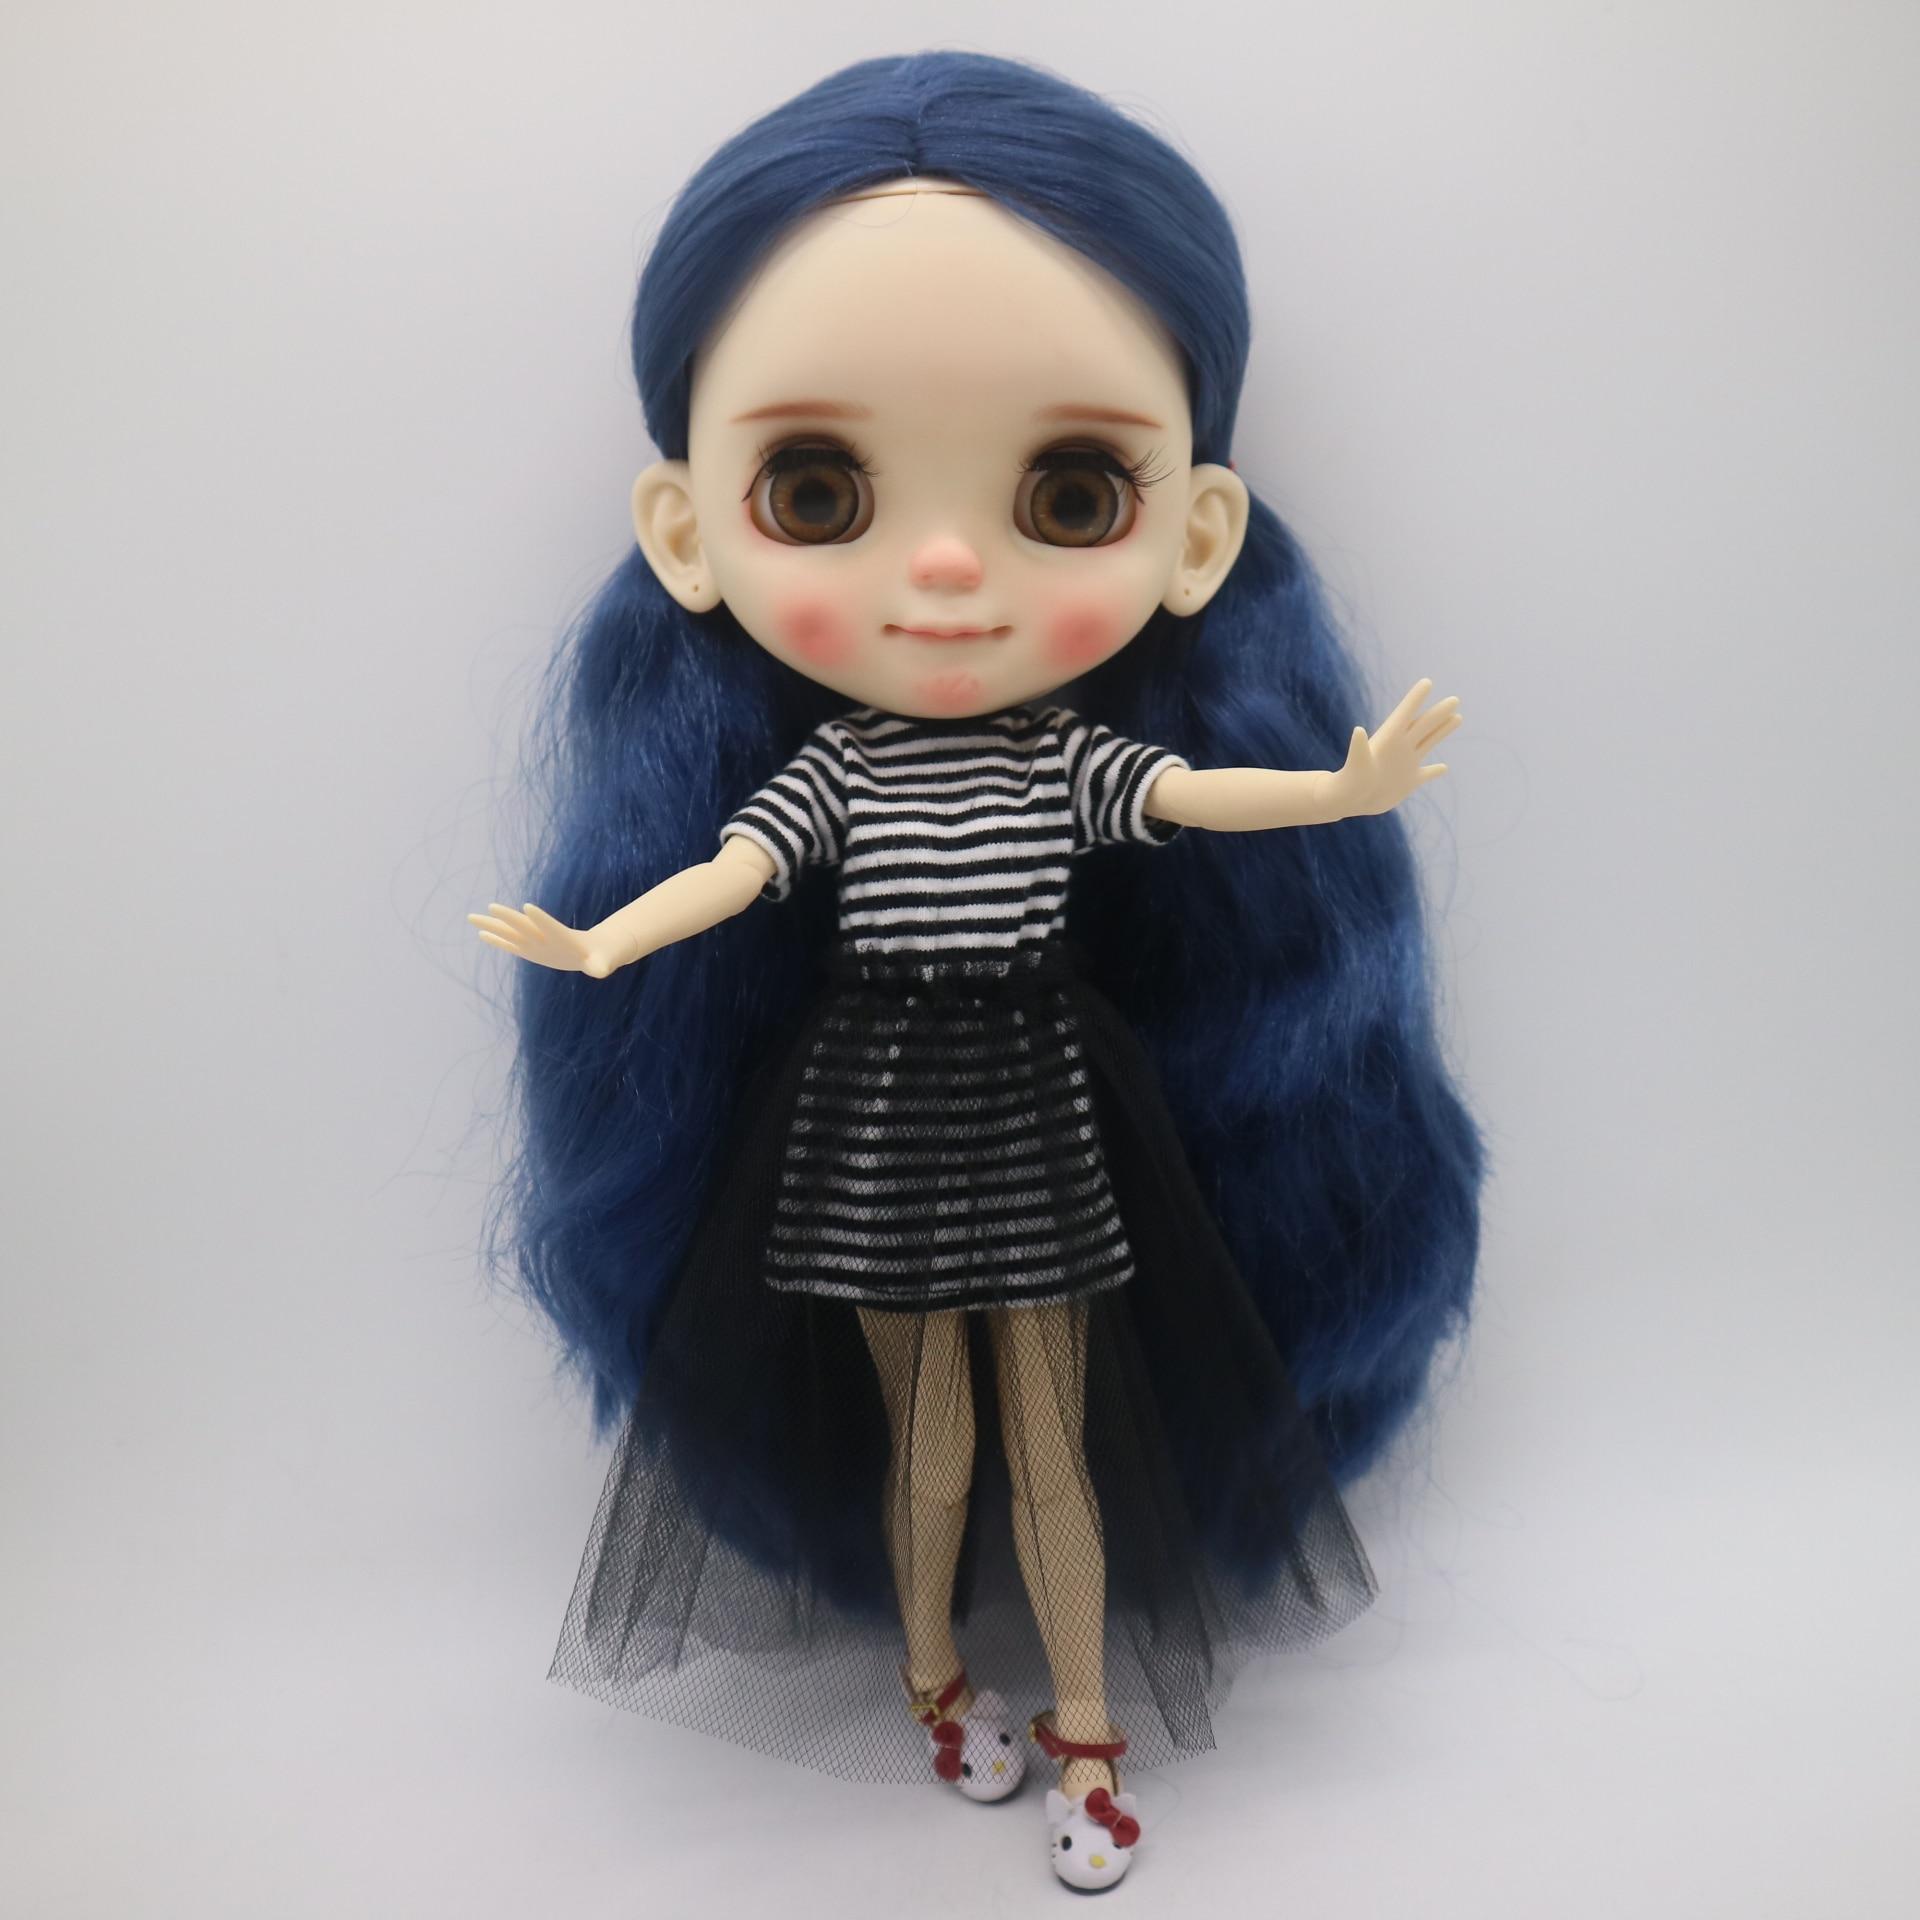 Pre koop customization pop Naakt blyth pop 0629 haar kan kiezen andere ontwerpen-in Poppen van Speelgoed & Hobbies op  Groep 2